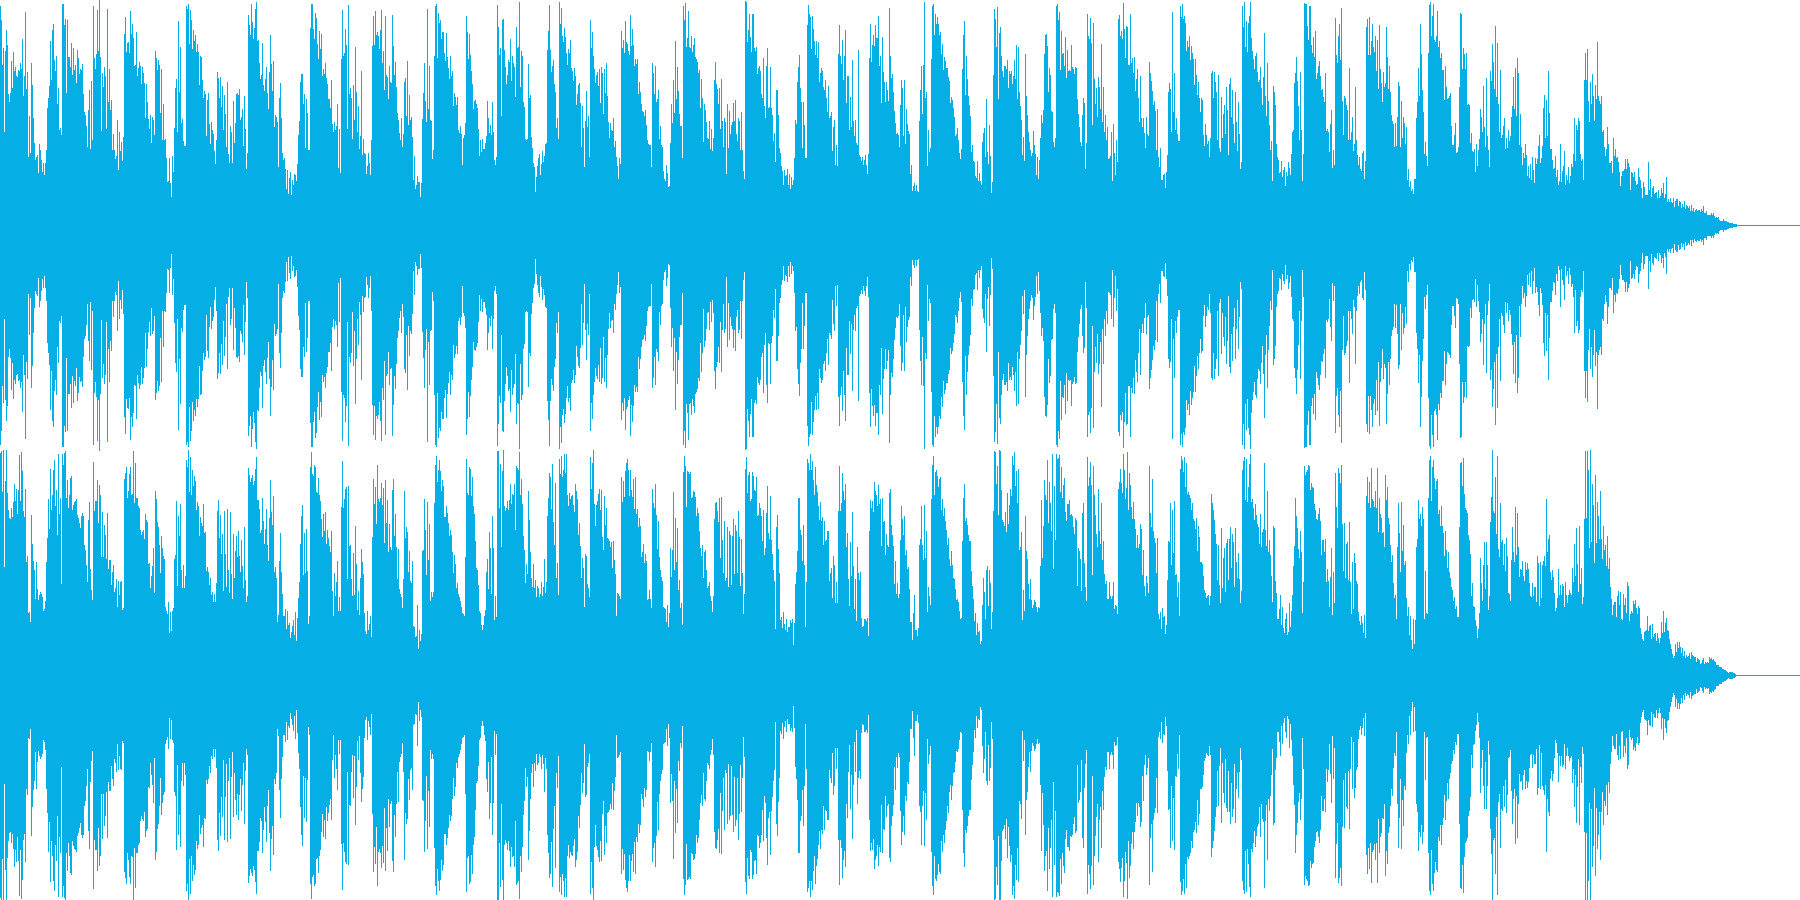 始まるという雰囲気のBGMの再生済みの波形